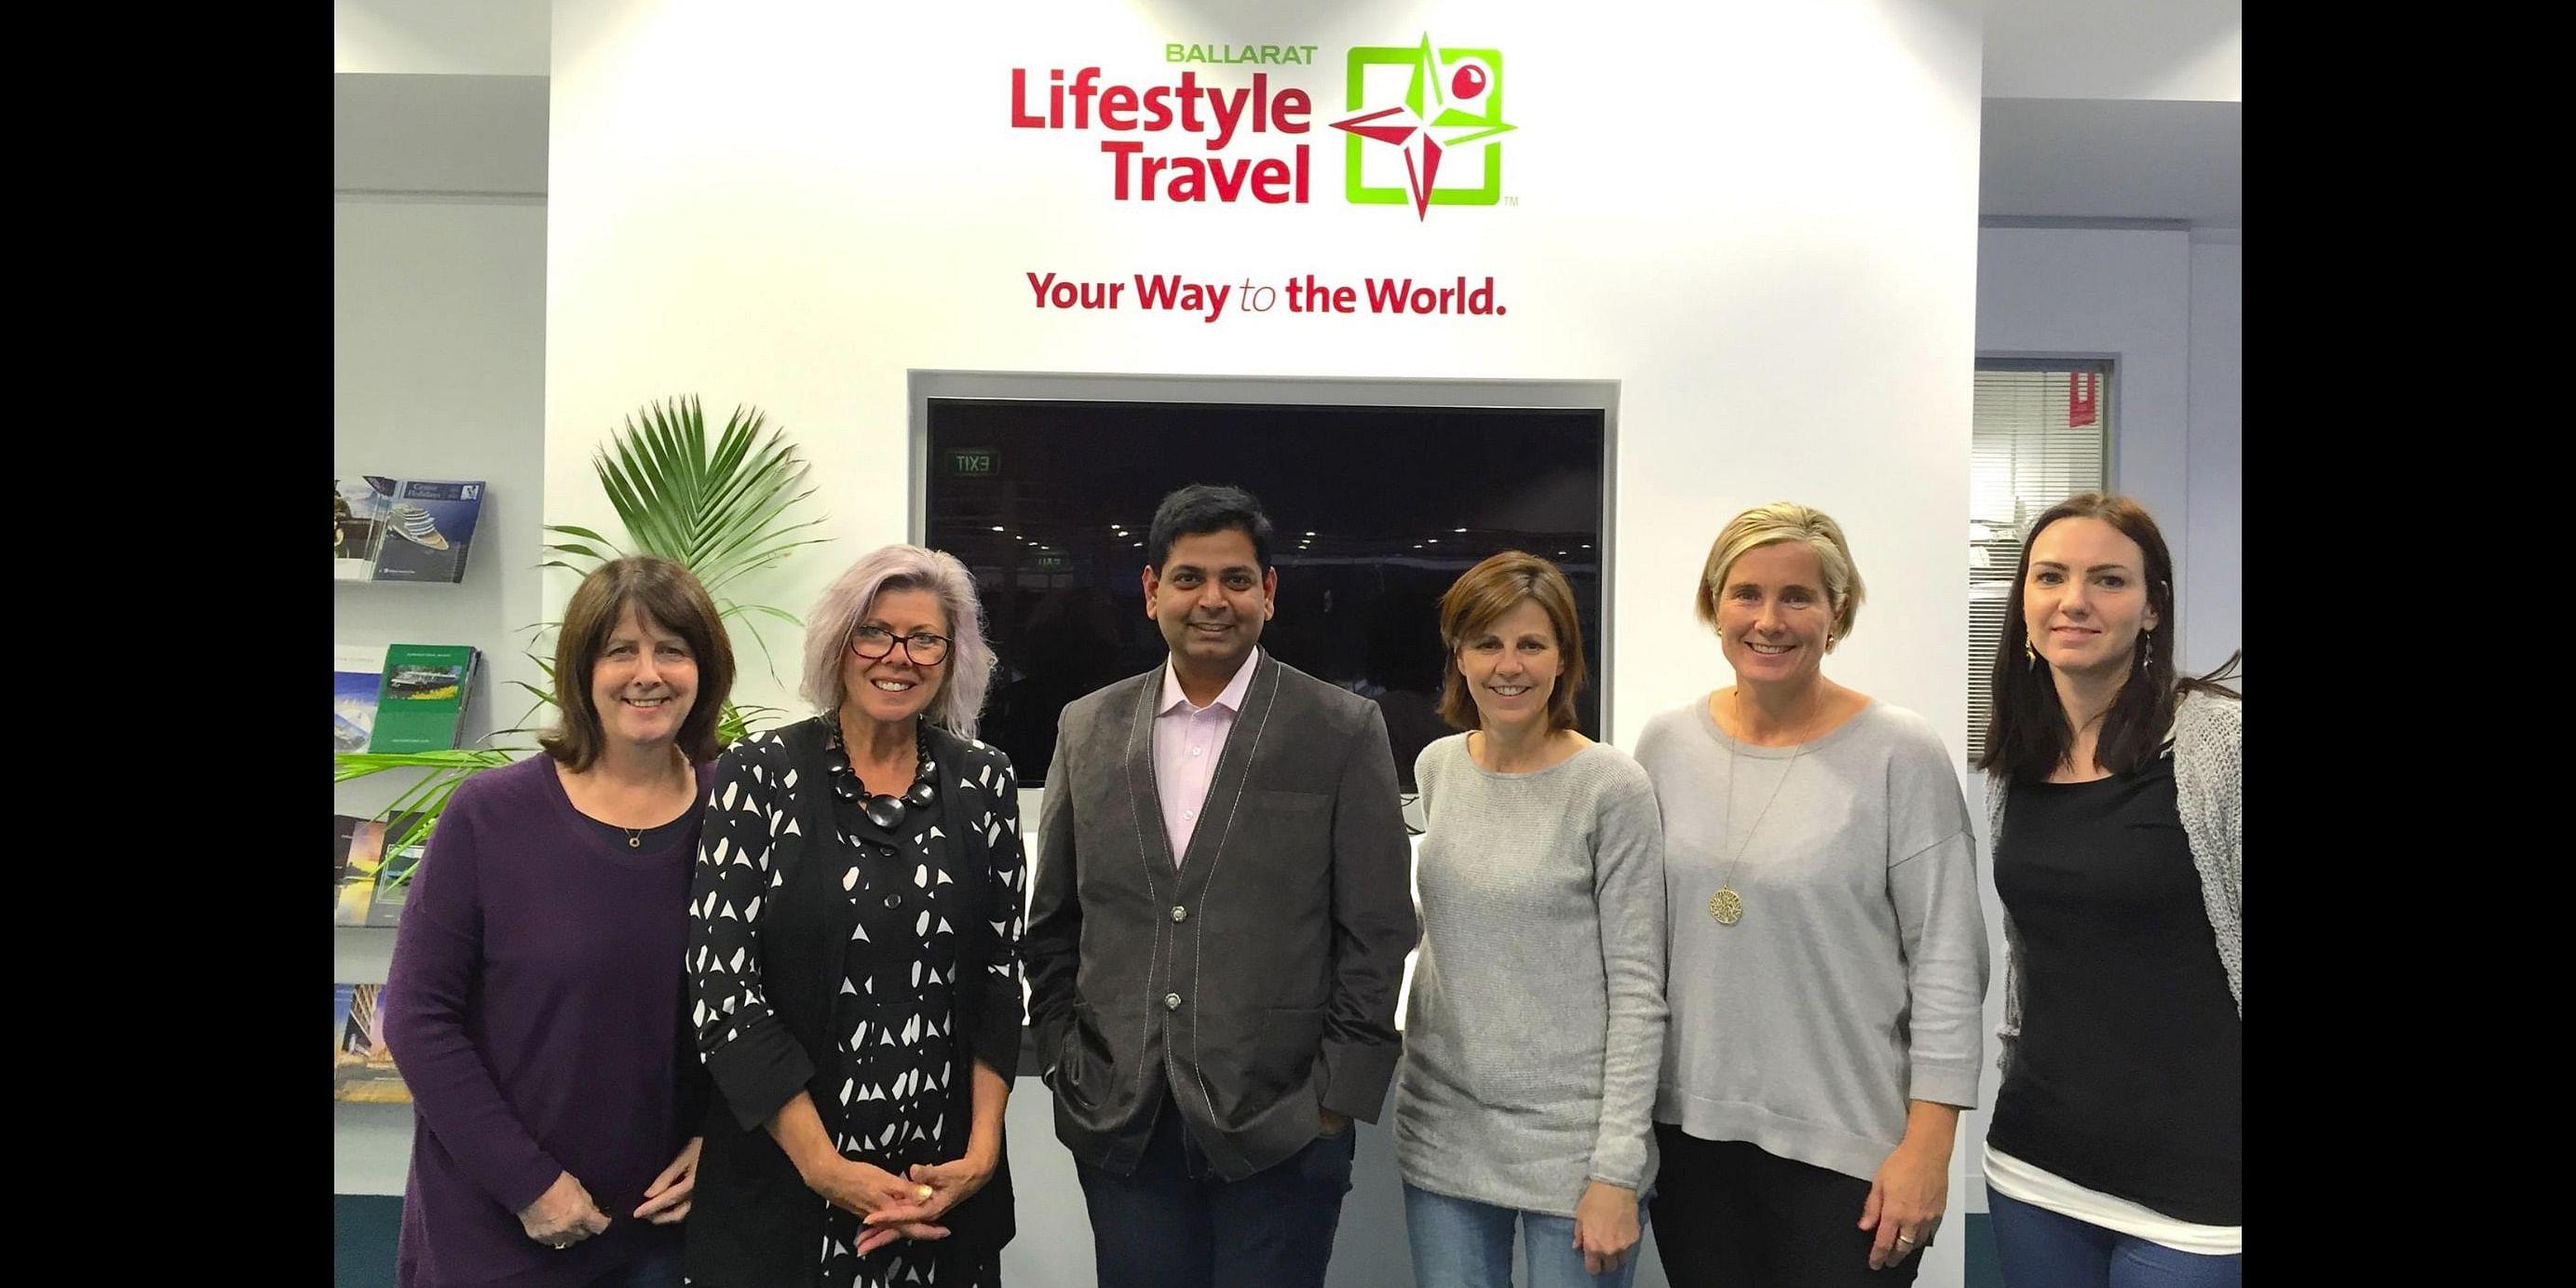 Teks Down Under: Hussain Fakhruddin (center) with client team at Ballarat, Australia